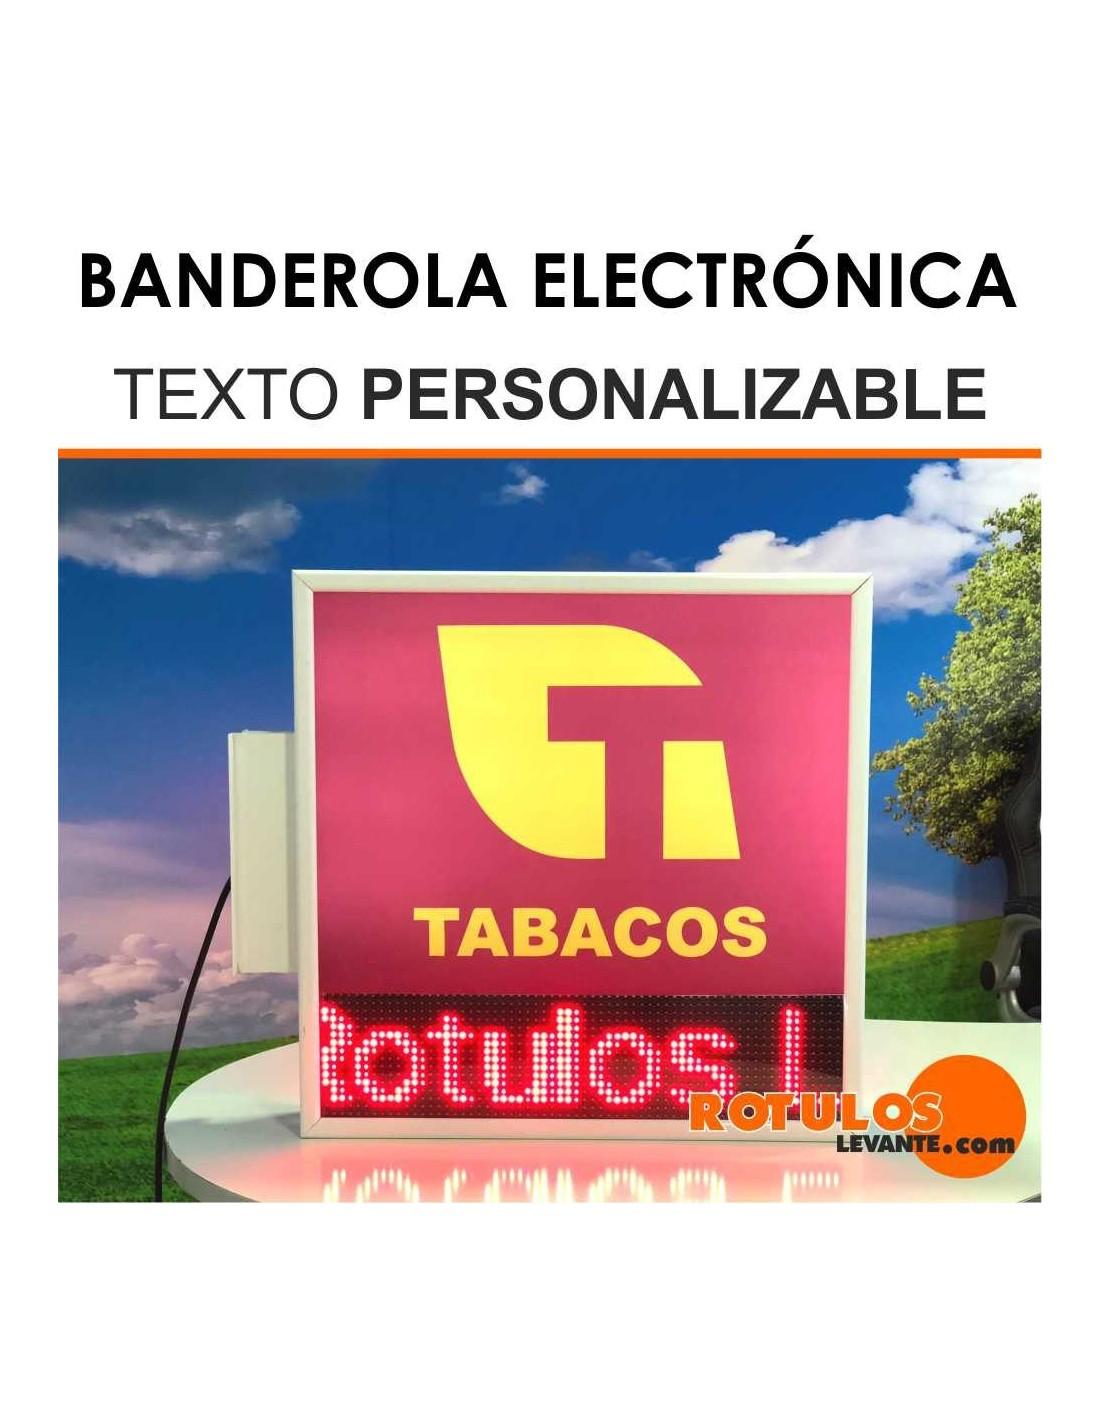 Banderola electronica